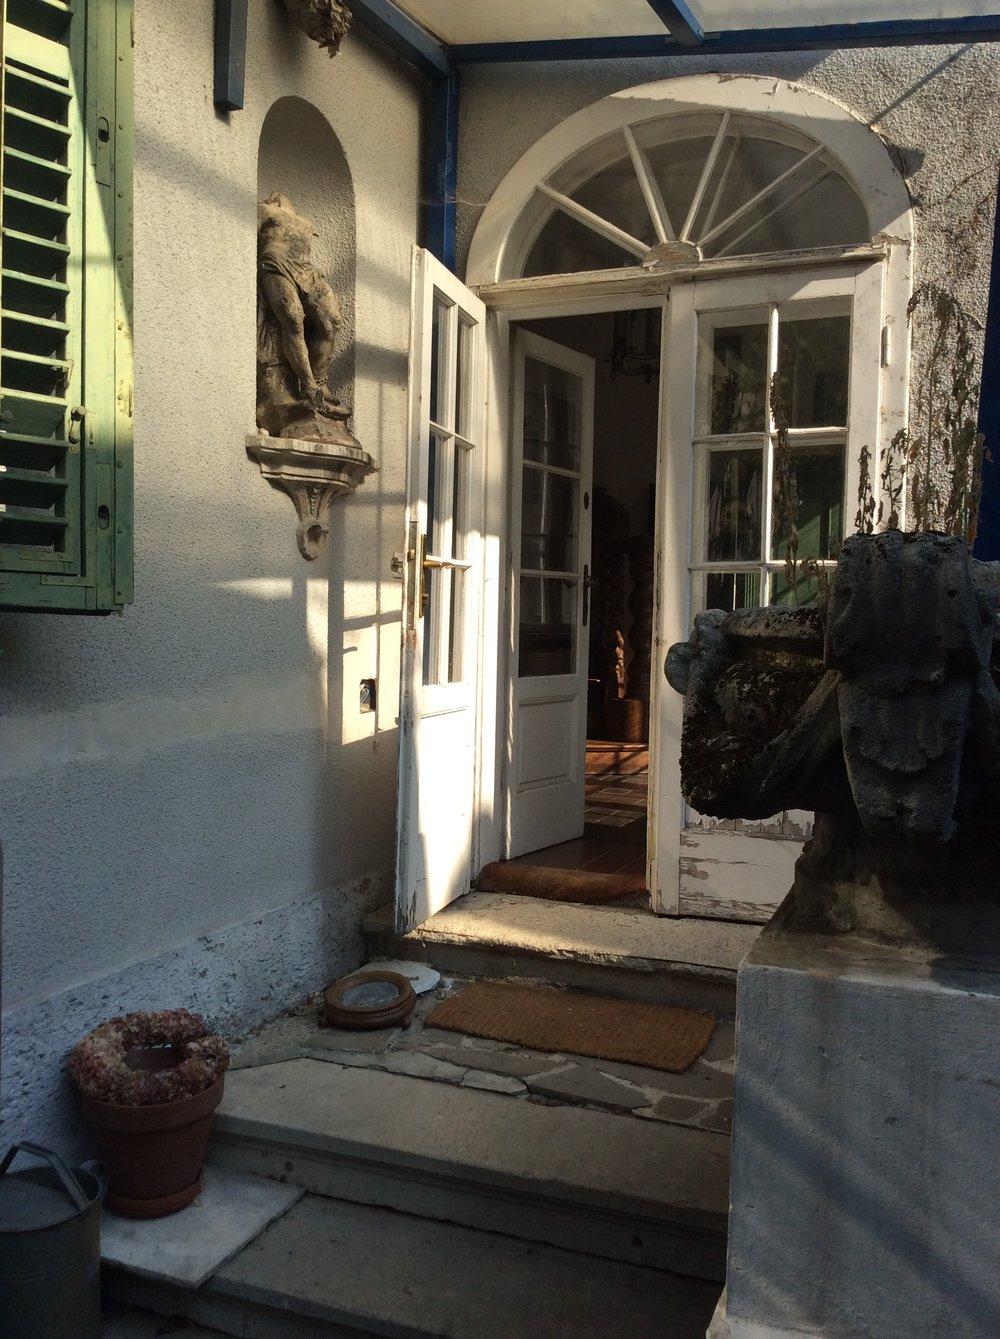 La porte de la maison de Djore, Grinzing, Vienne (2016)